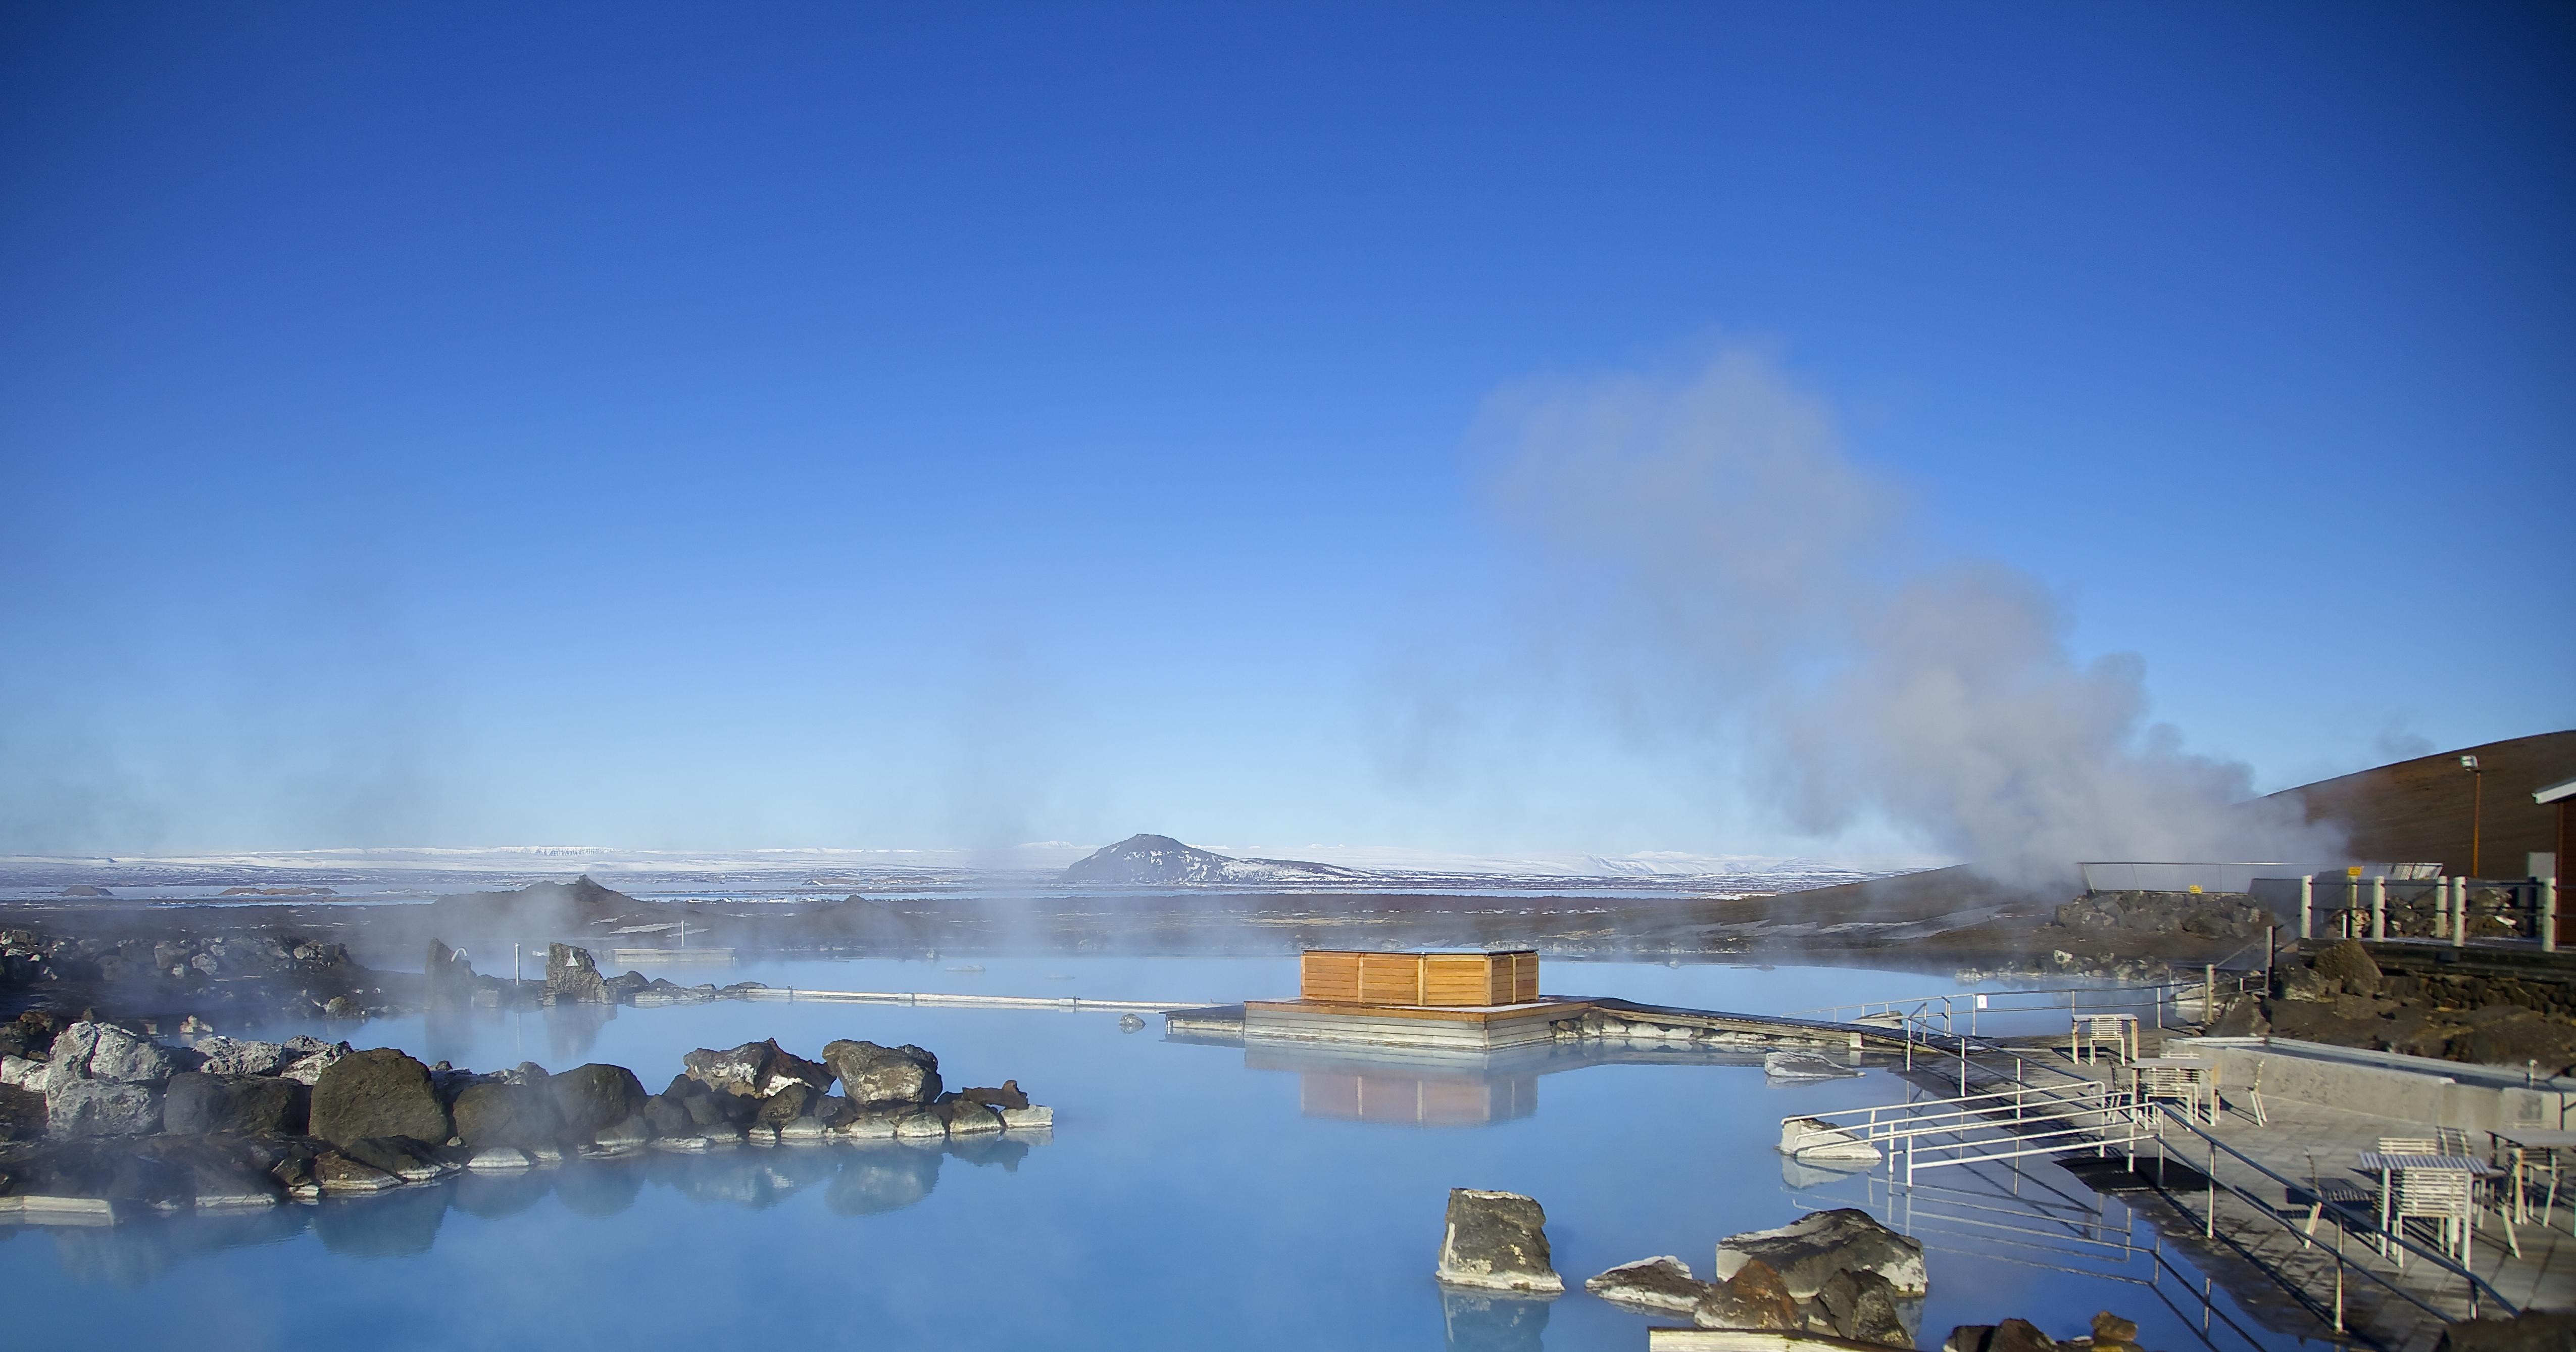 北アイスランドのミーヴァトン・ネイチャー・バスはブルーラグーンのようにミルキーブルーなお湯が魅力